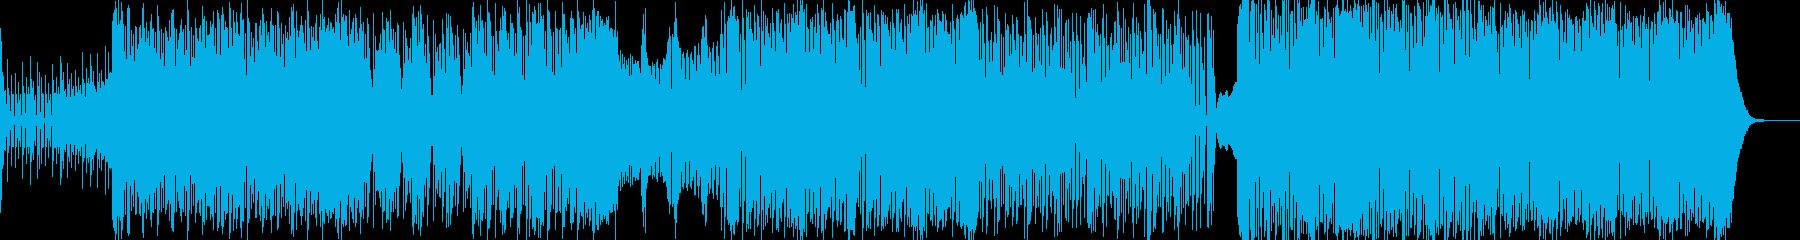 重低音系のTrap&Bassの再生済みの波形